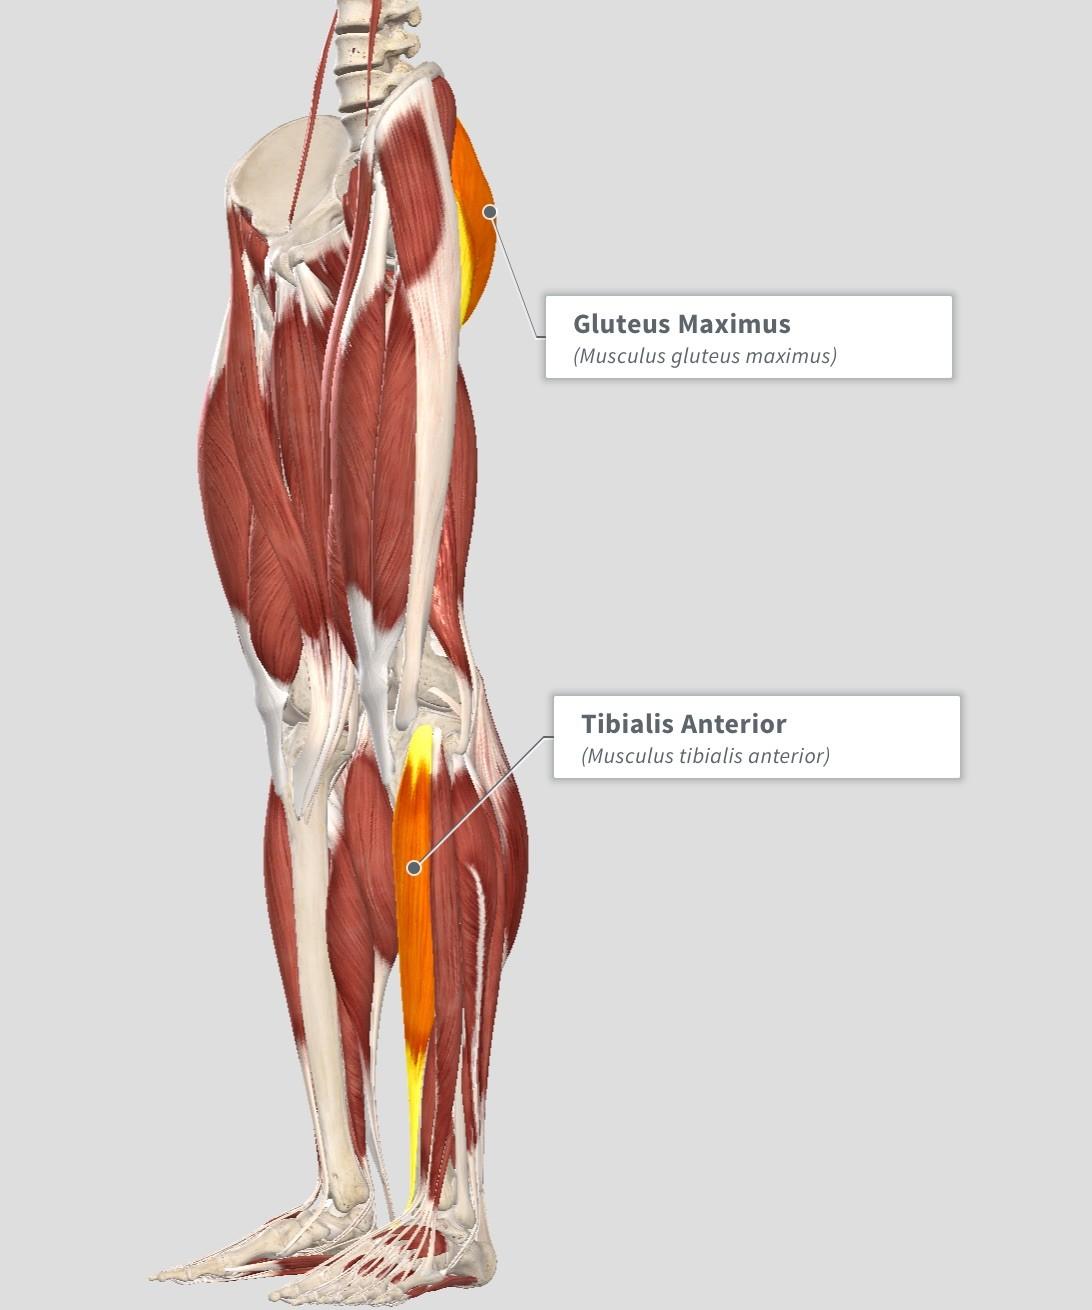 Wunderbar Gluteus Medius Anatomie Fotos - Menschliche Anatomie ...